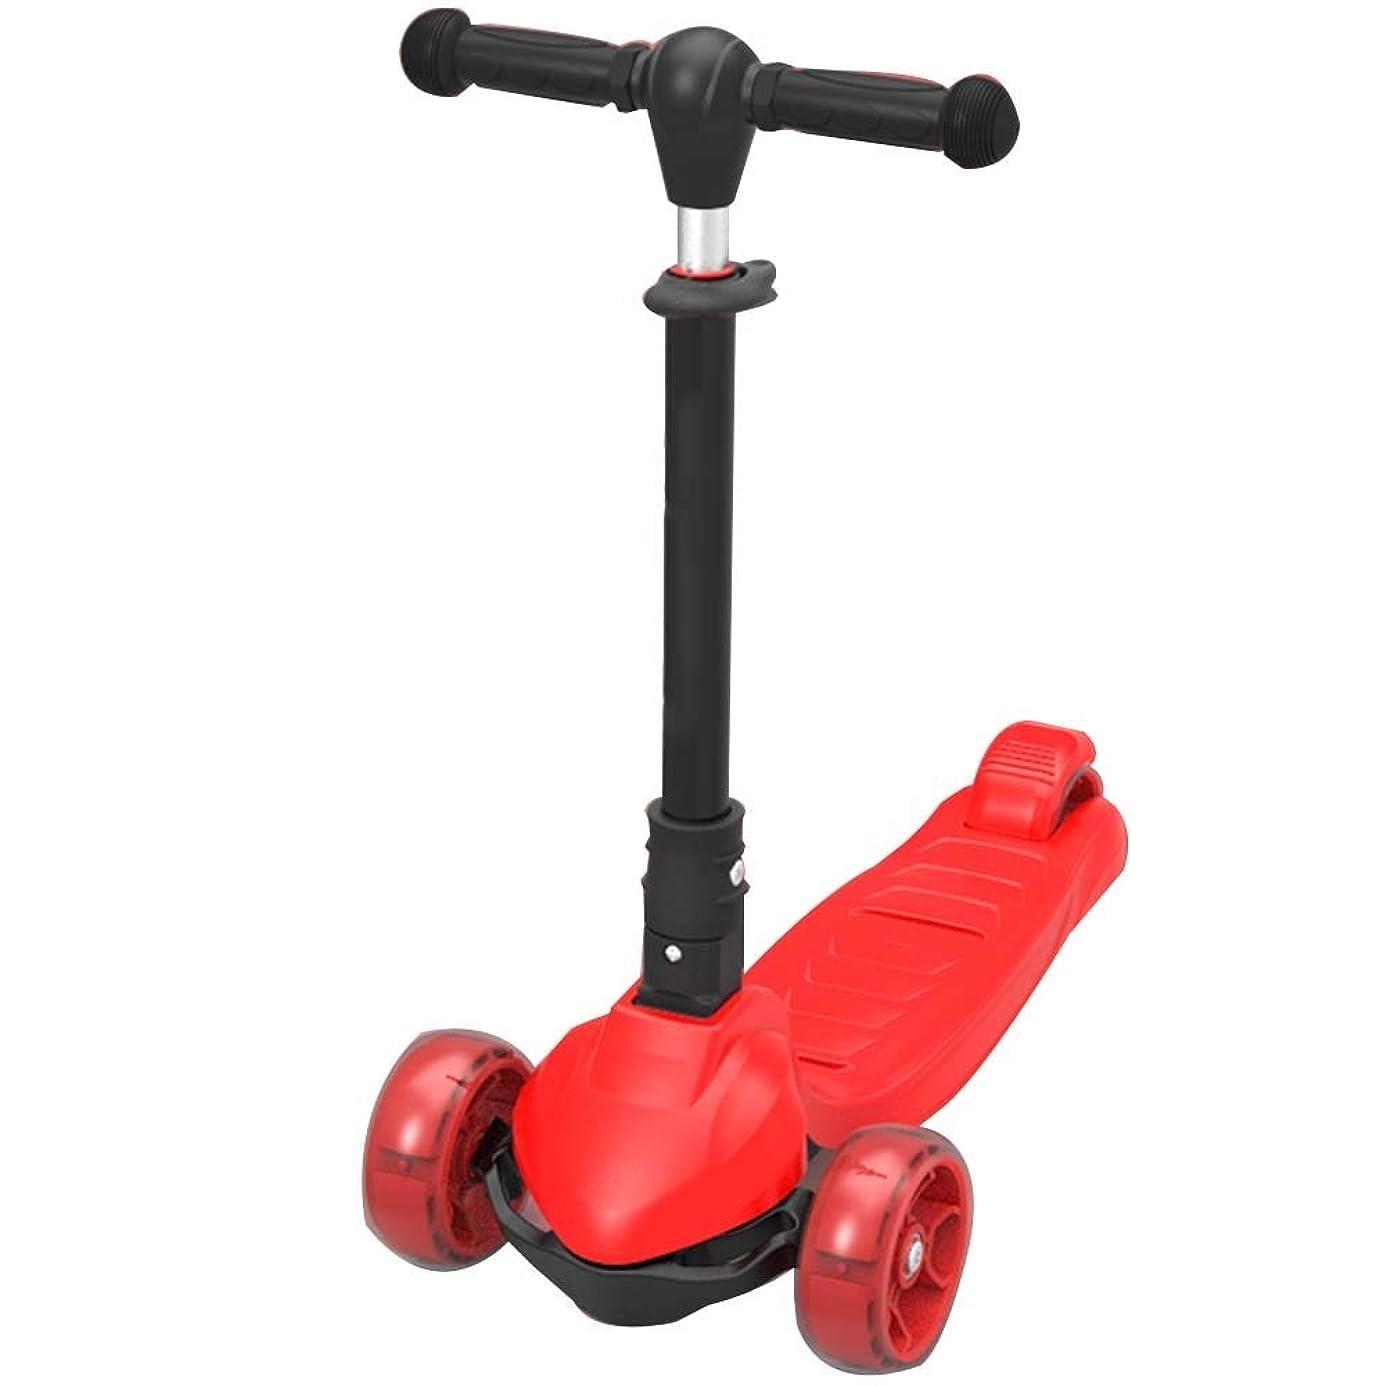 わずかにプーノ別れるYUMEIGE キックボード キックスクーター 子供用3輪キックボード 4つの高さ調整可能なフラッシュホイール付きキックスクーターキックスクーター耐荷重50Kg 2?15歳のお子様に最適ギフト(黒、赤、青、ピンク) 利用可能